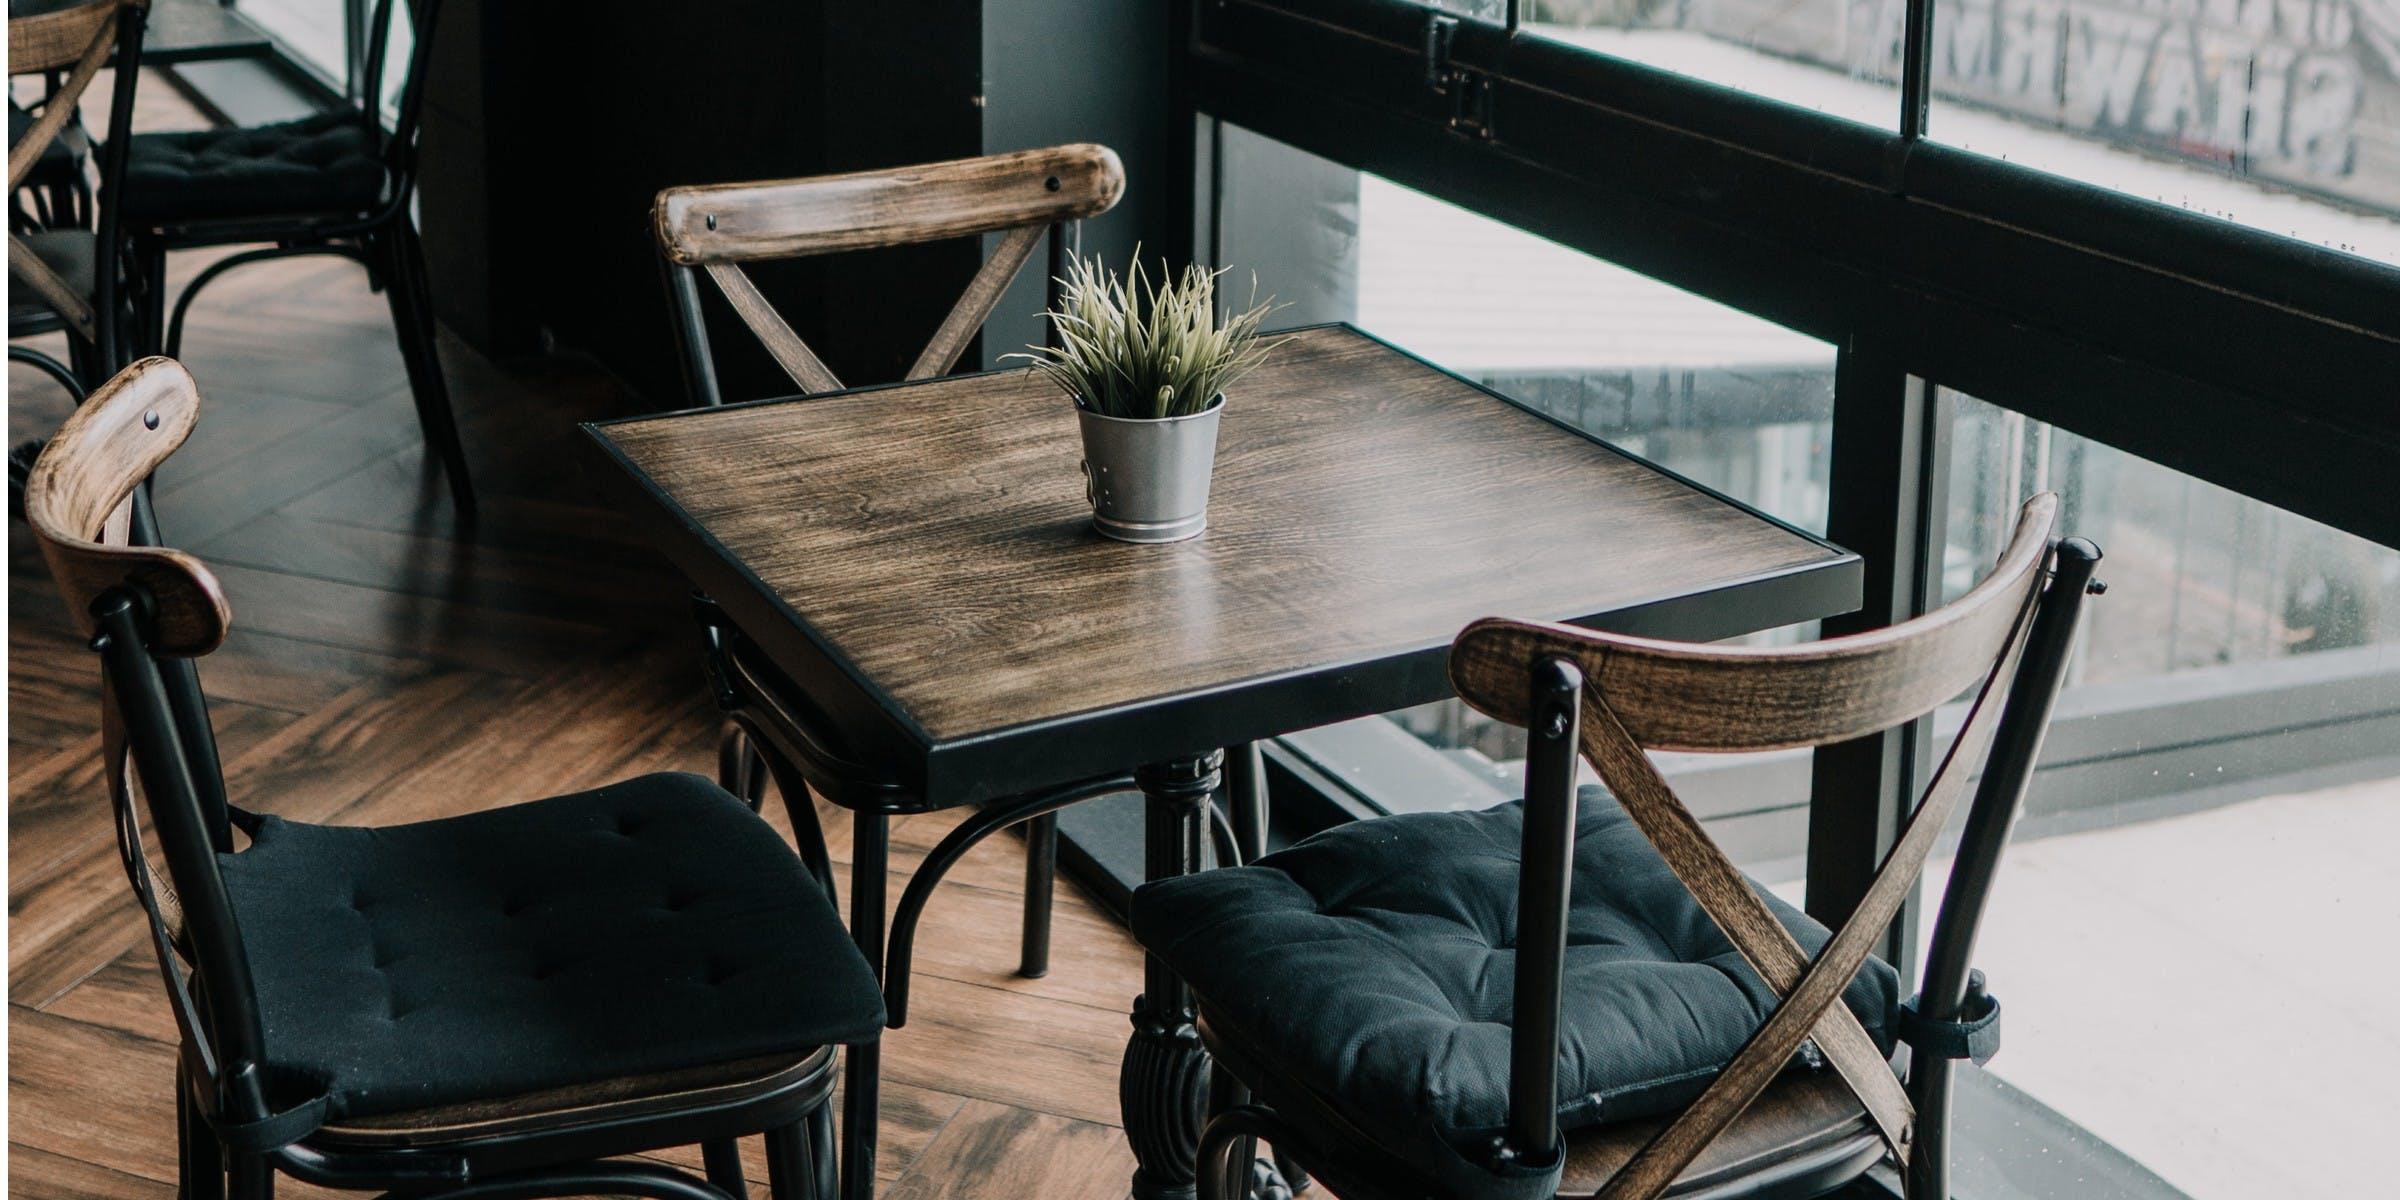 Закон о запрете кальянов в ресторанах